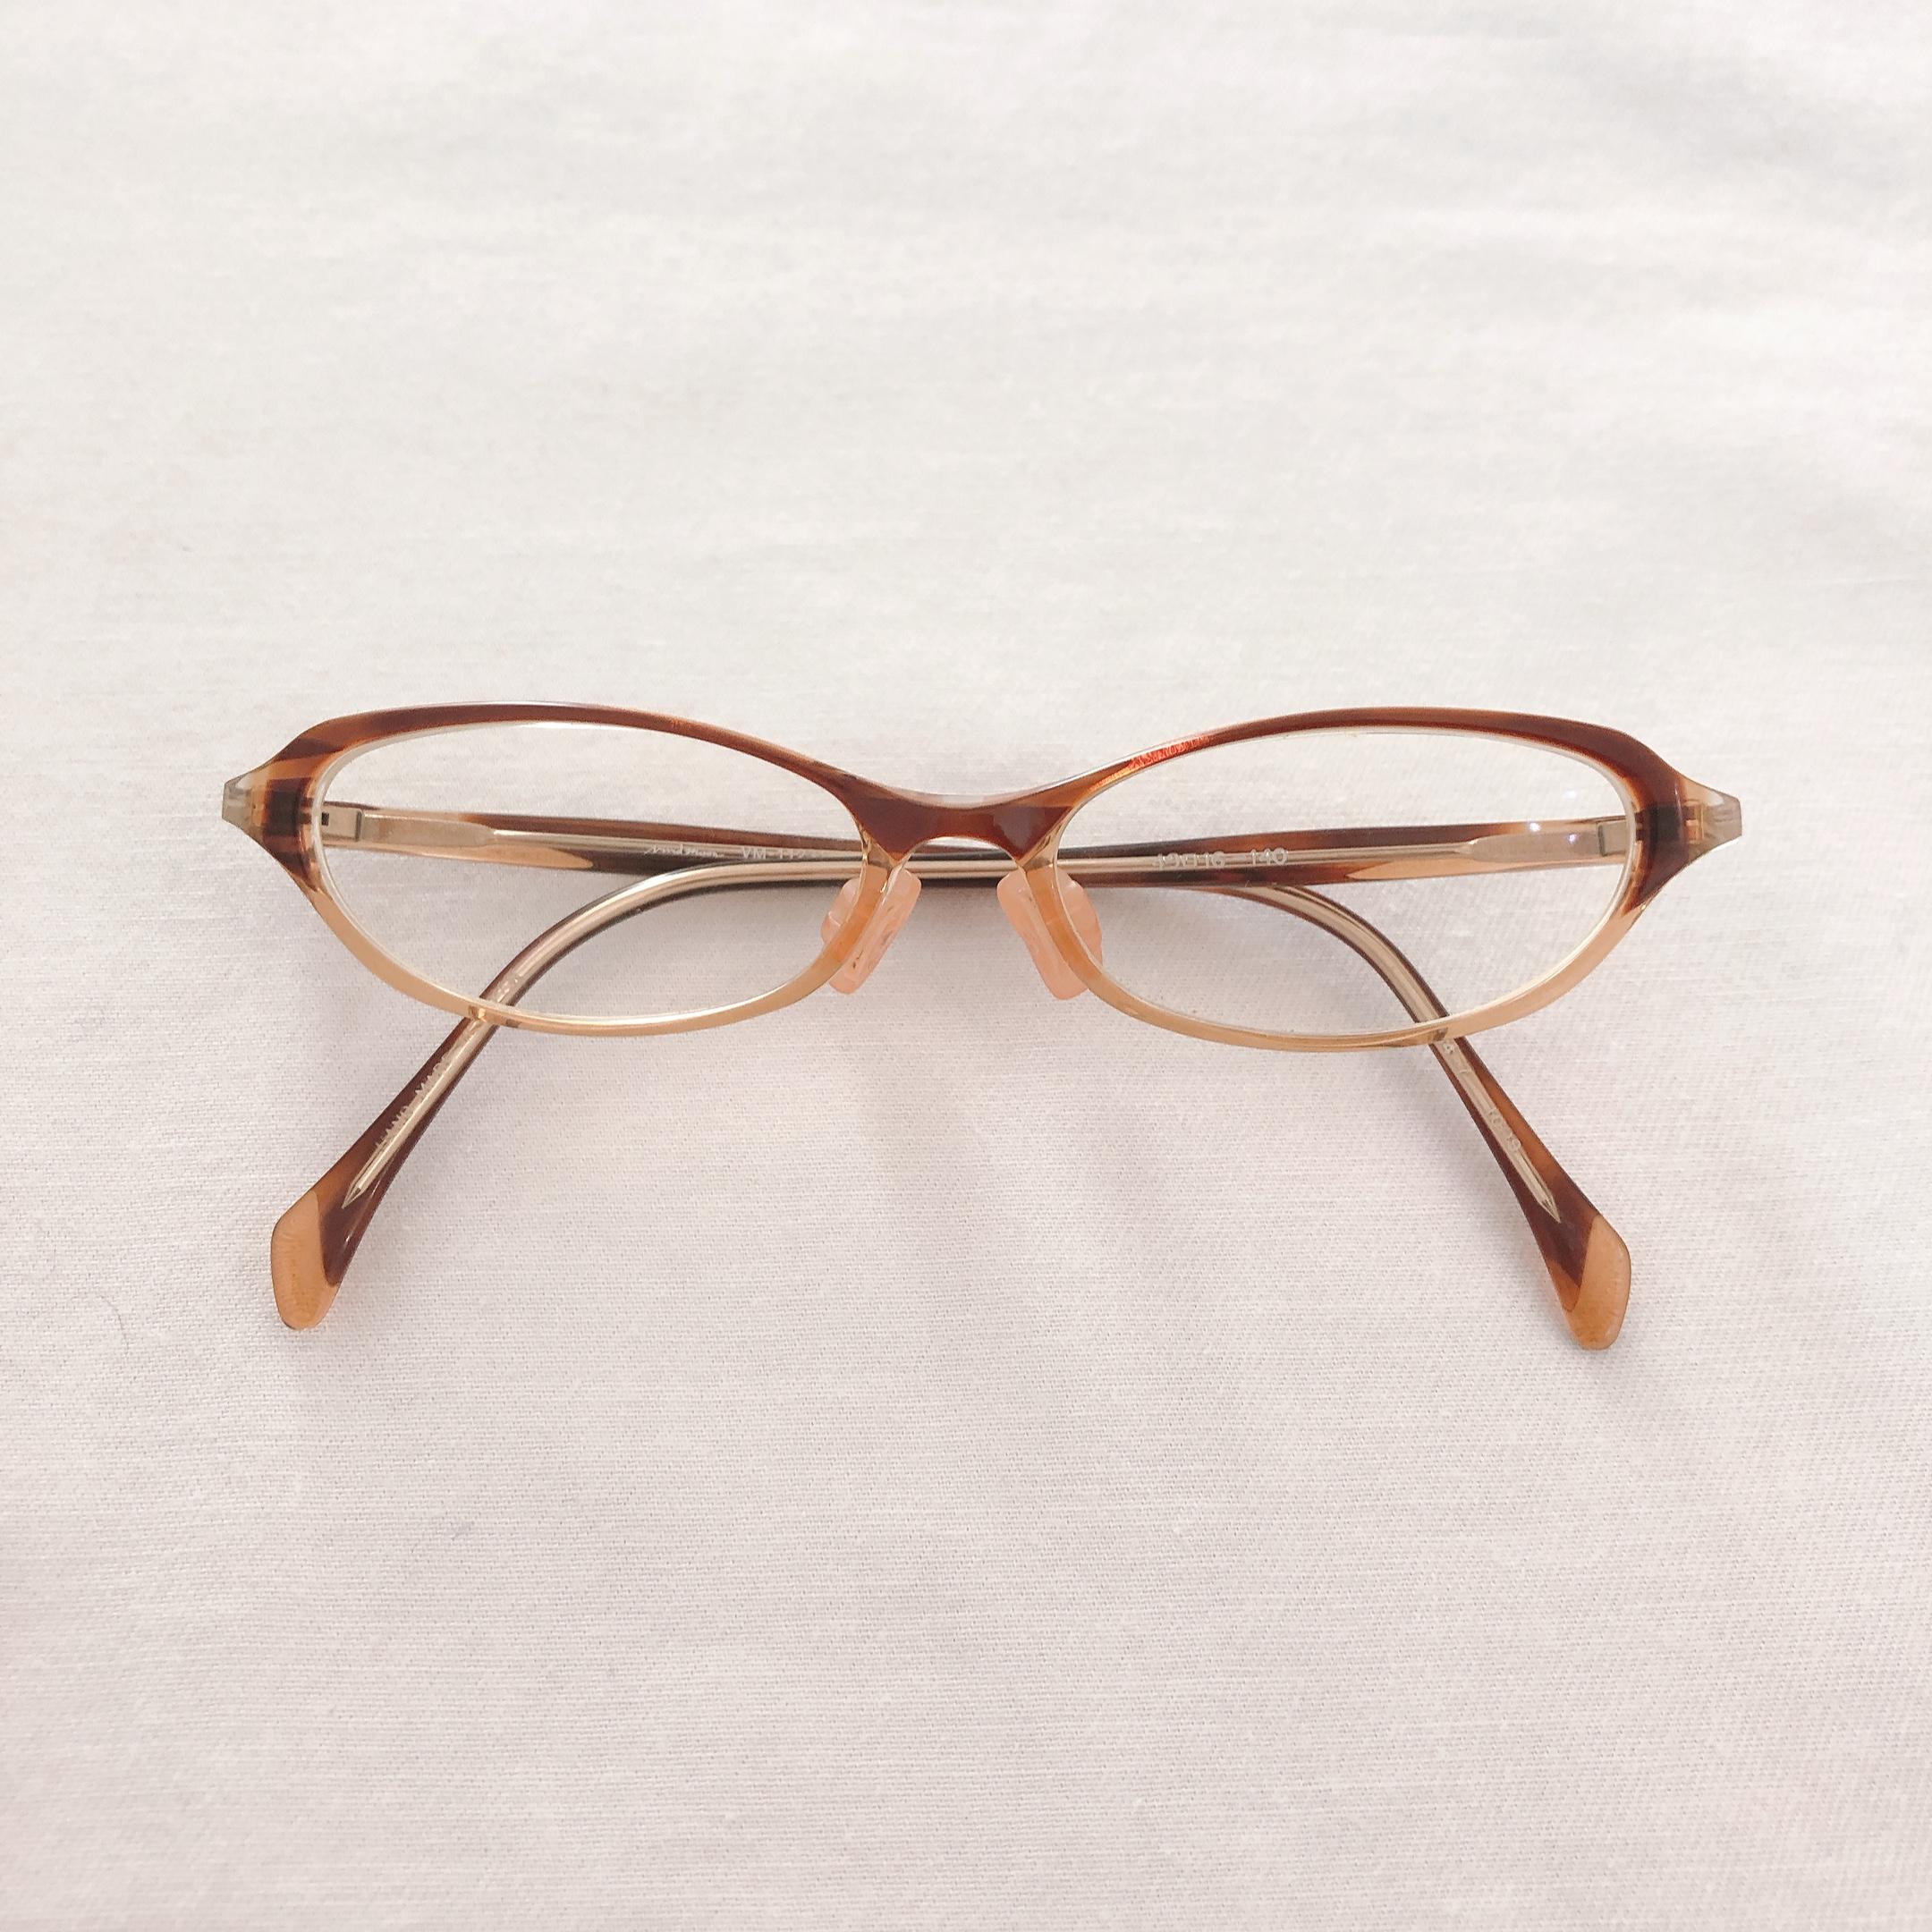 クール・クールカジュアルに似合うメガネ